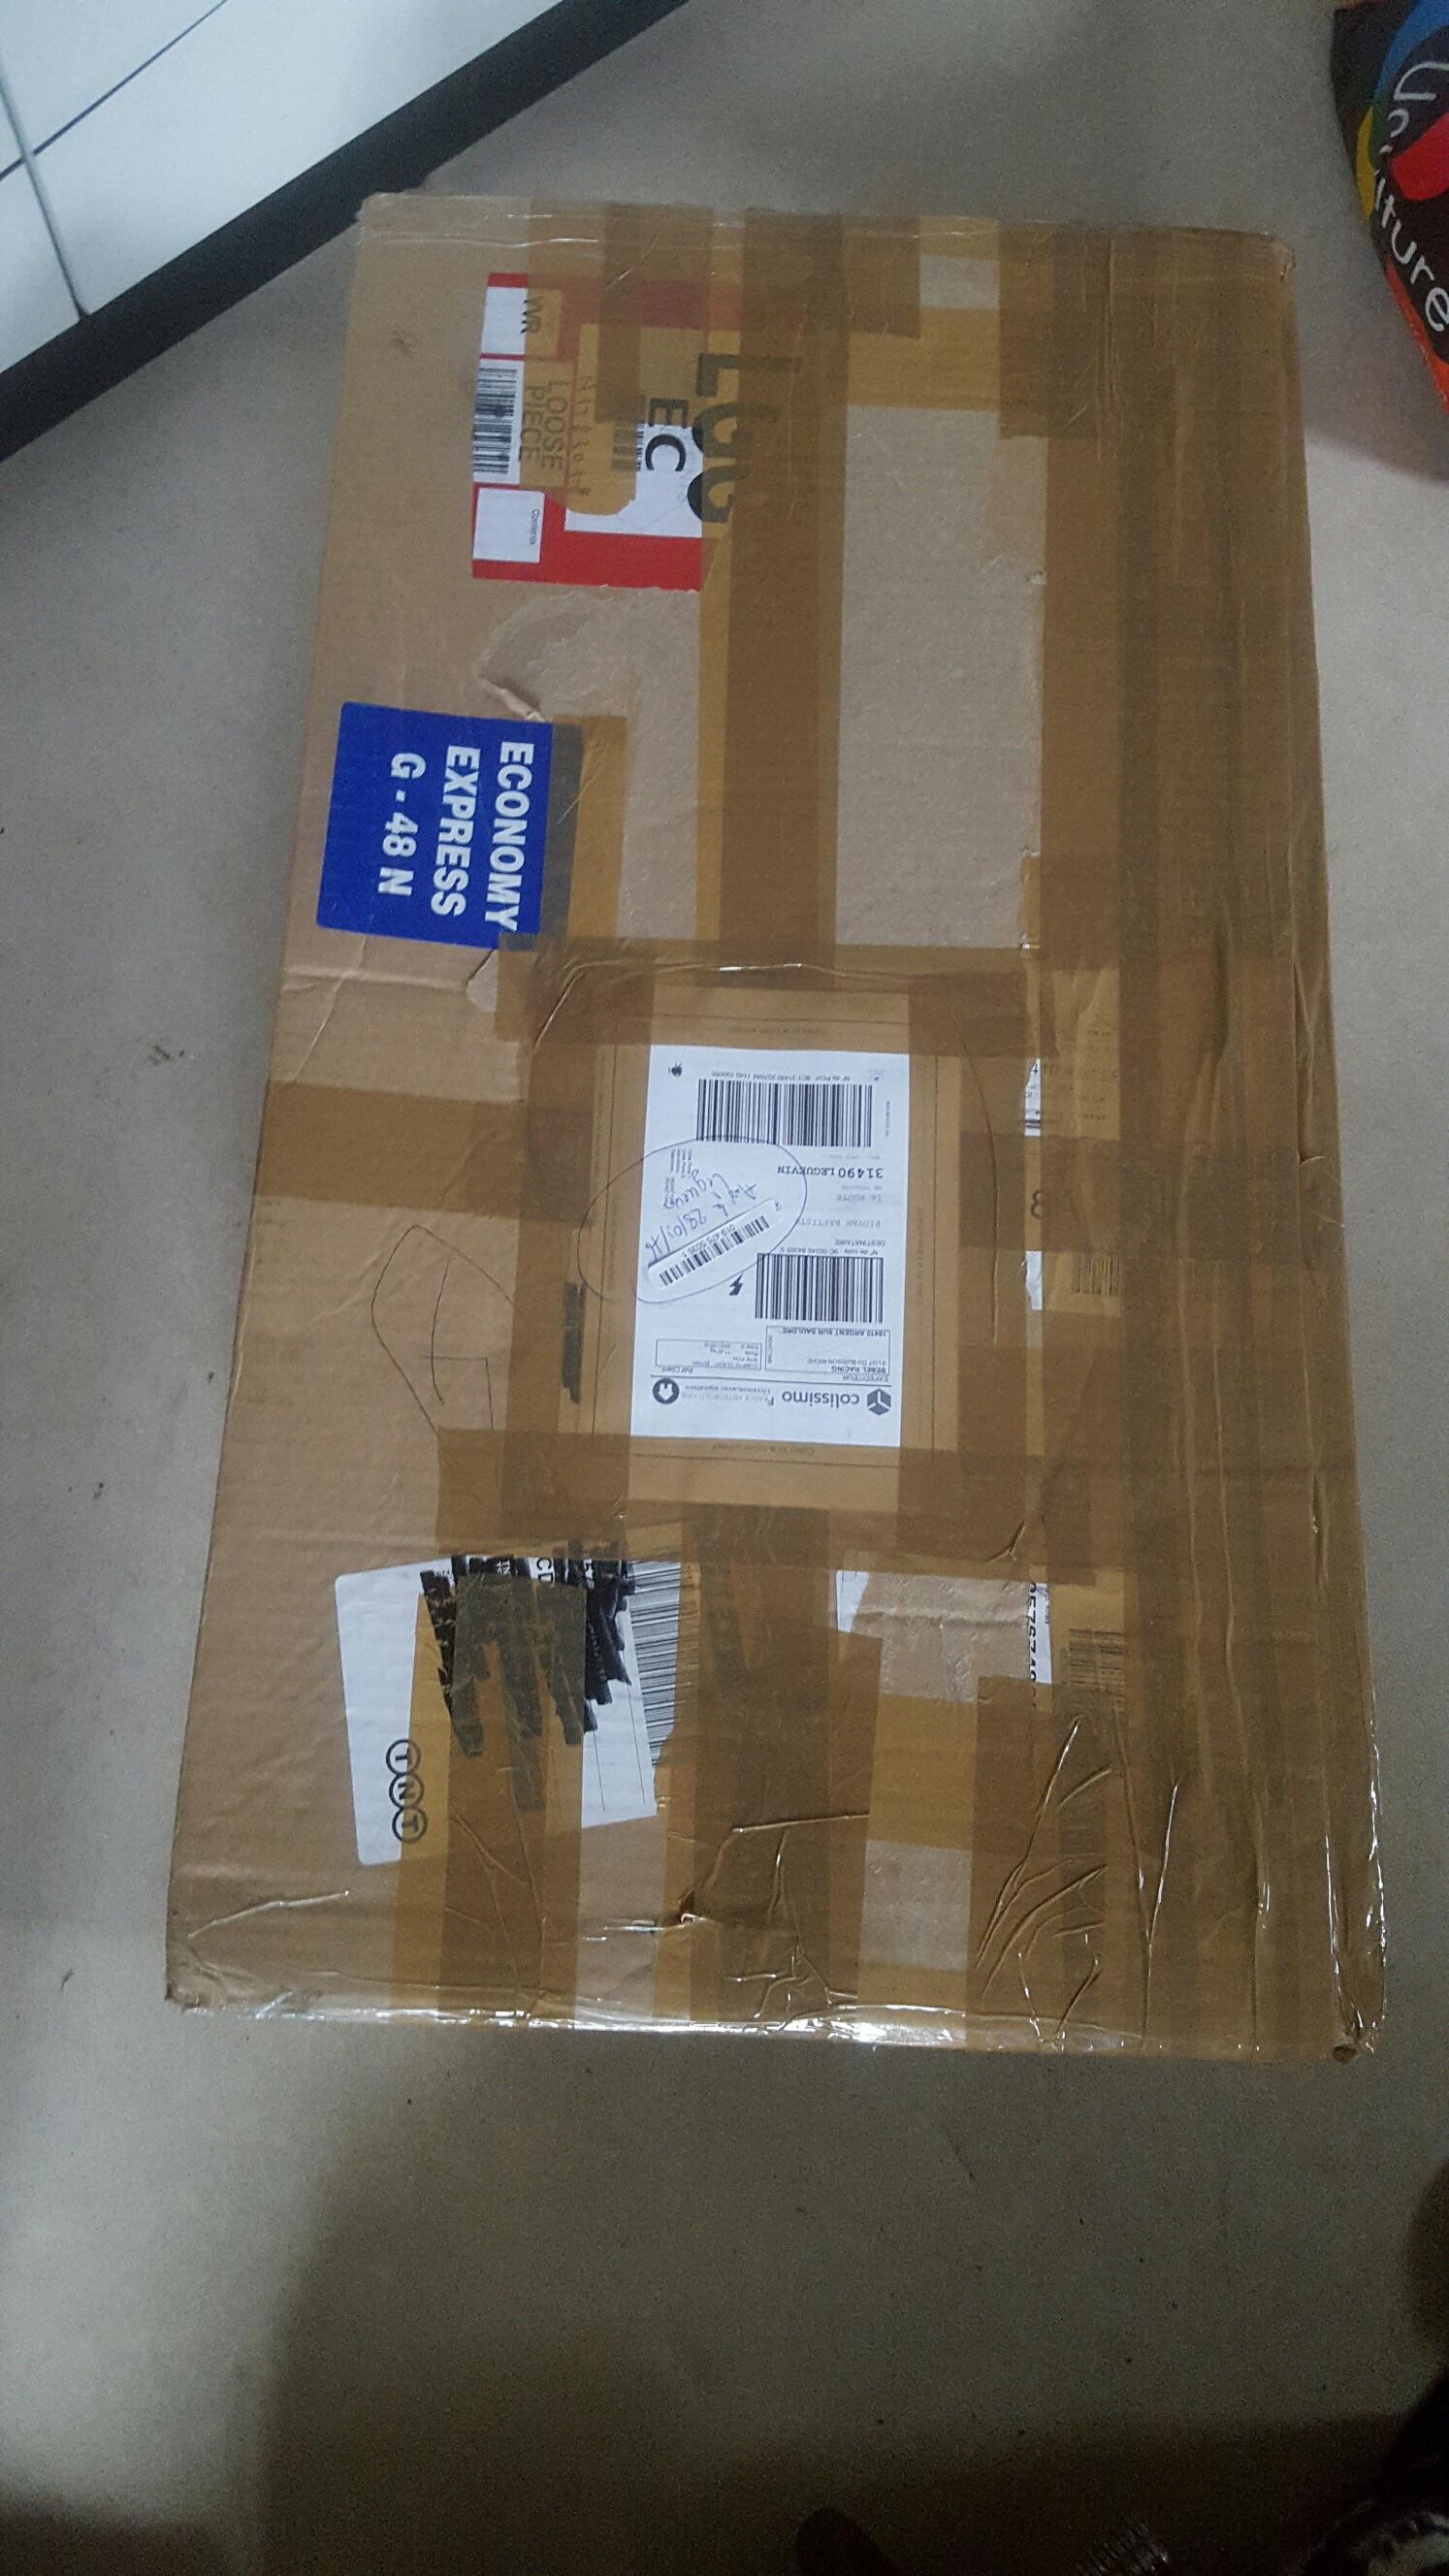 TT 3.2 V6 T de piopio - Page 5 425704image409